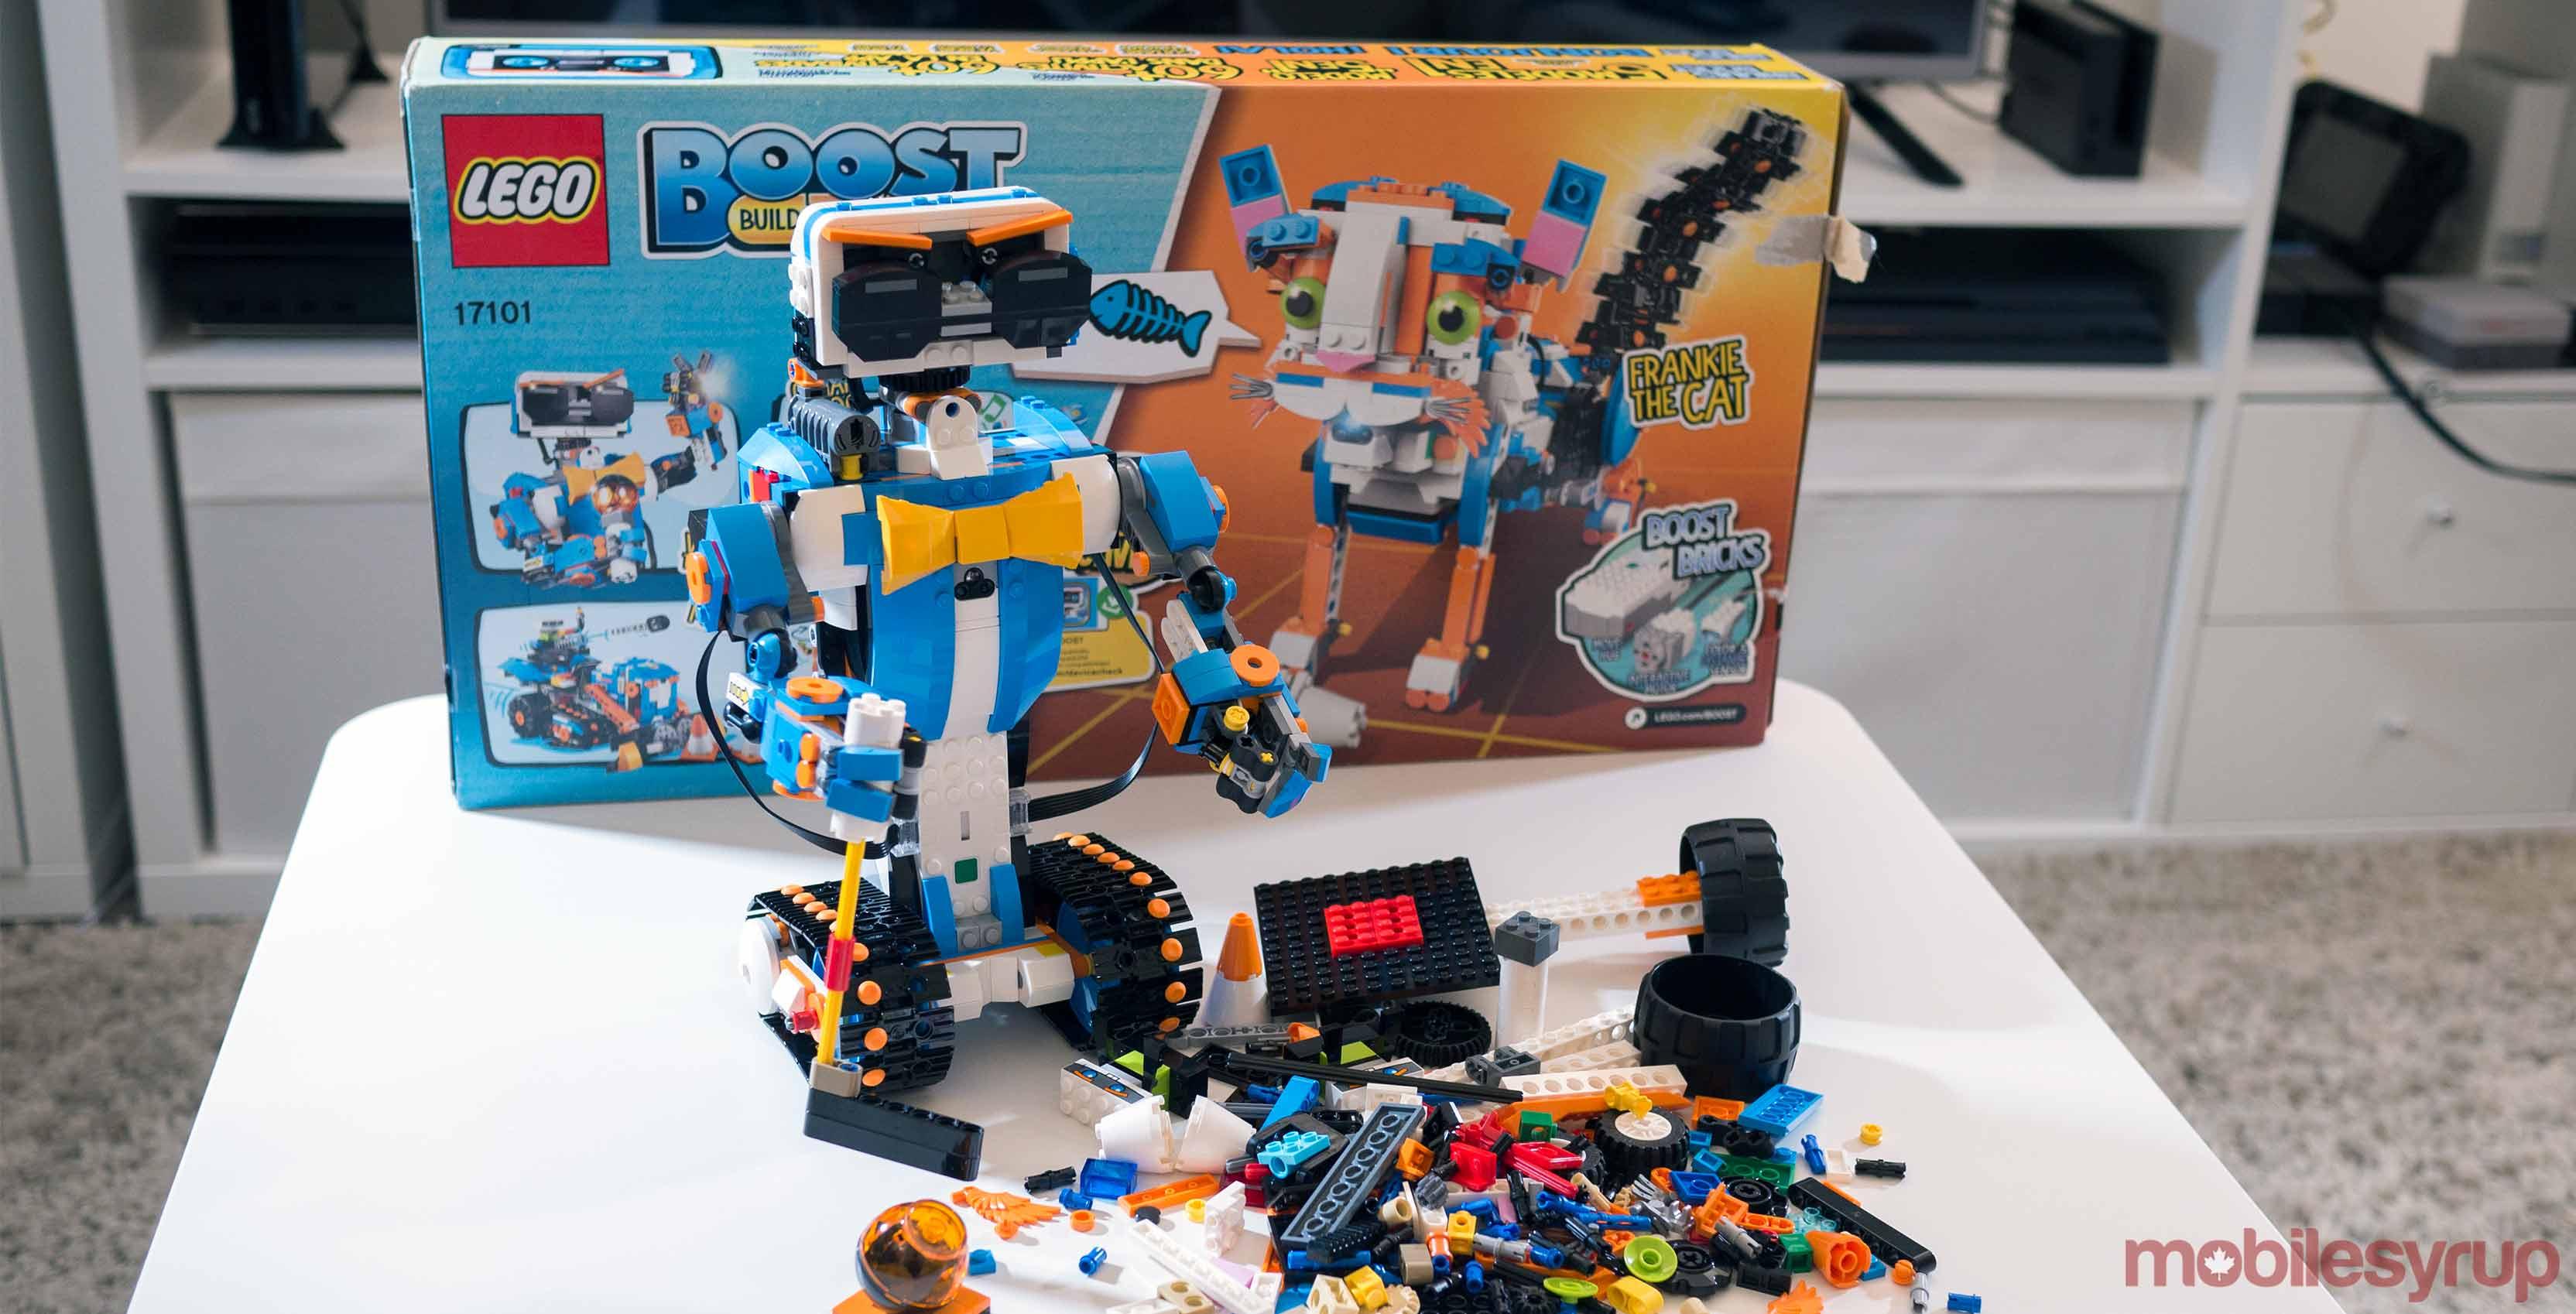 Lego Boost set